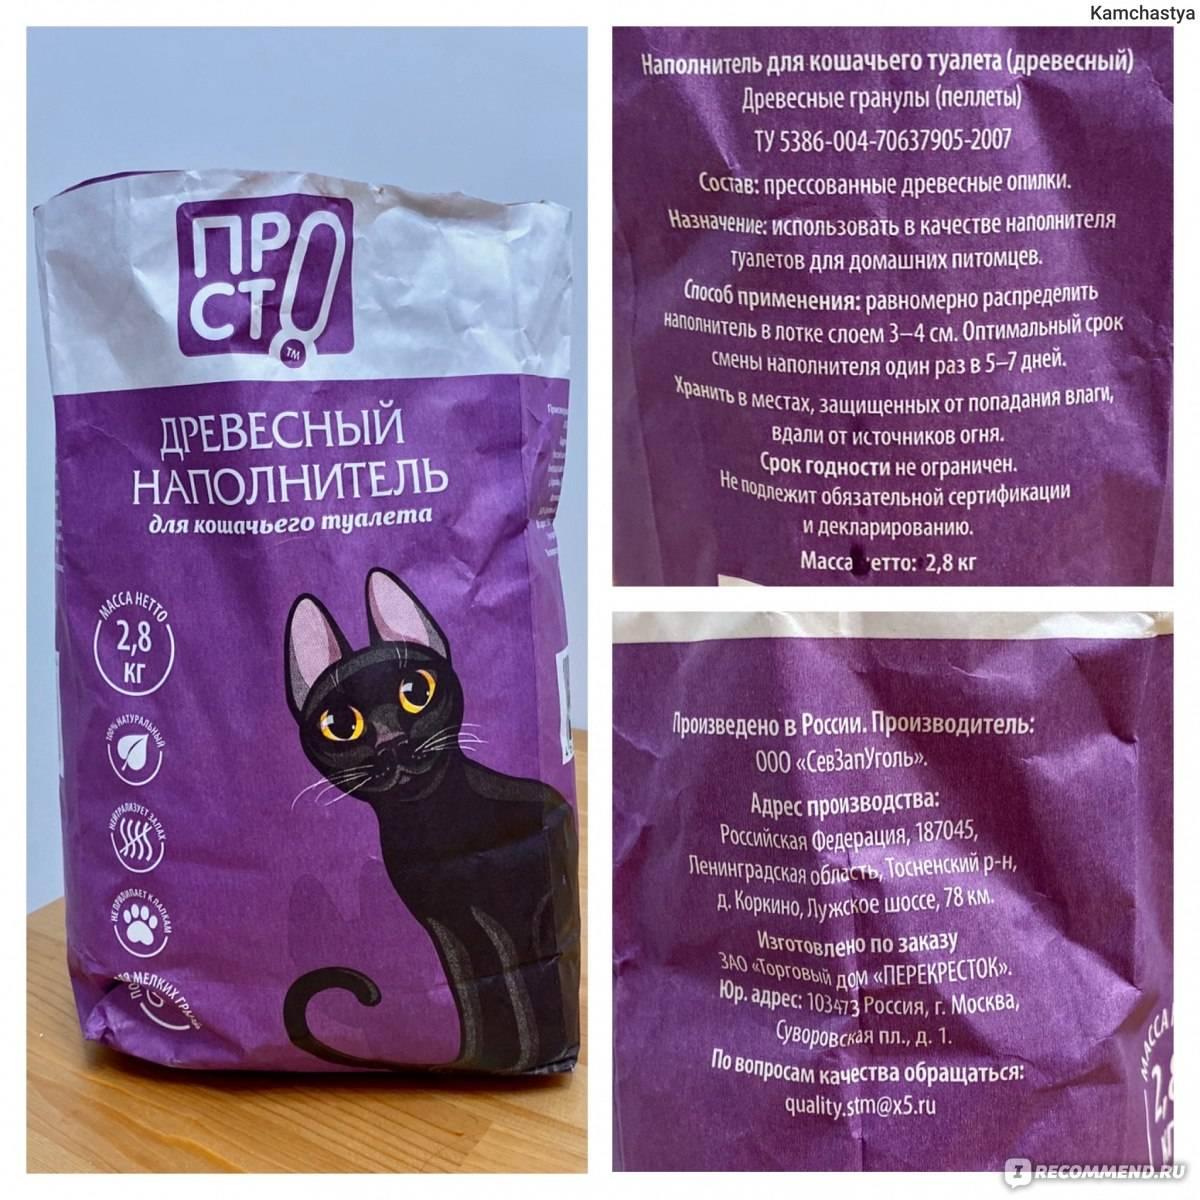 Виды наполнителей для кошачьего туалета, критерии выбора